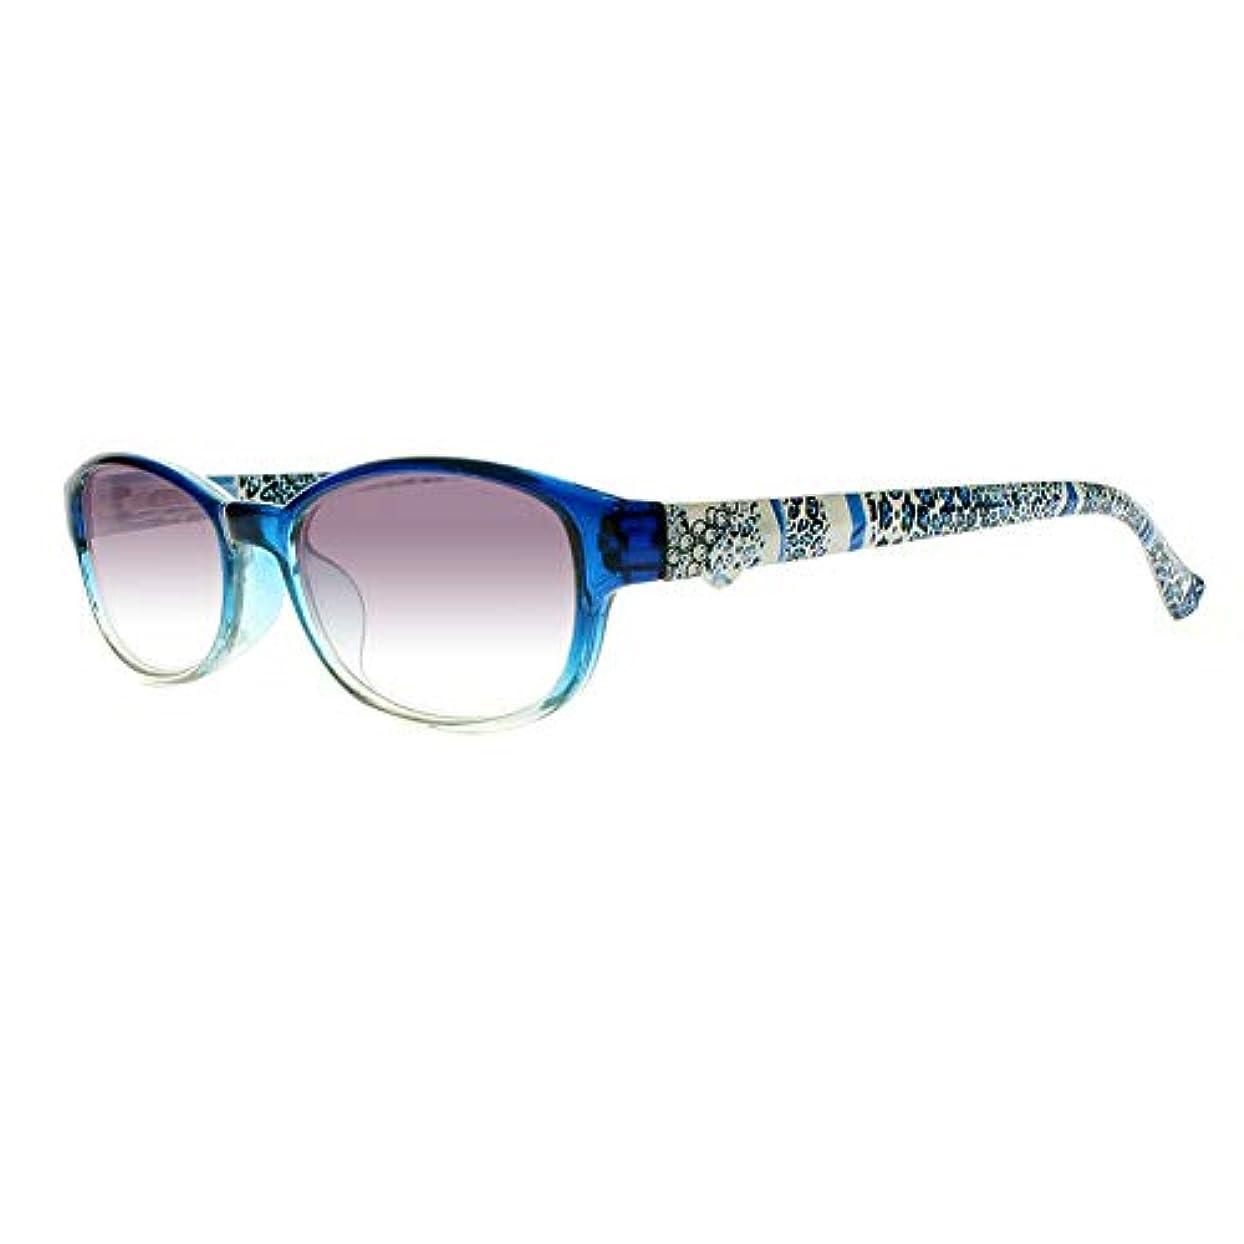 印をつけるもっともらしいライムFidgetGear 女性フラワーティンテッドレンズリーダー老眼鏡アイウェア+1.00?+4.00 New 青